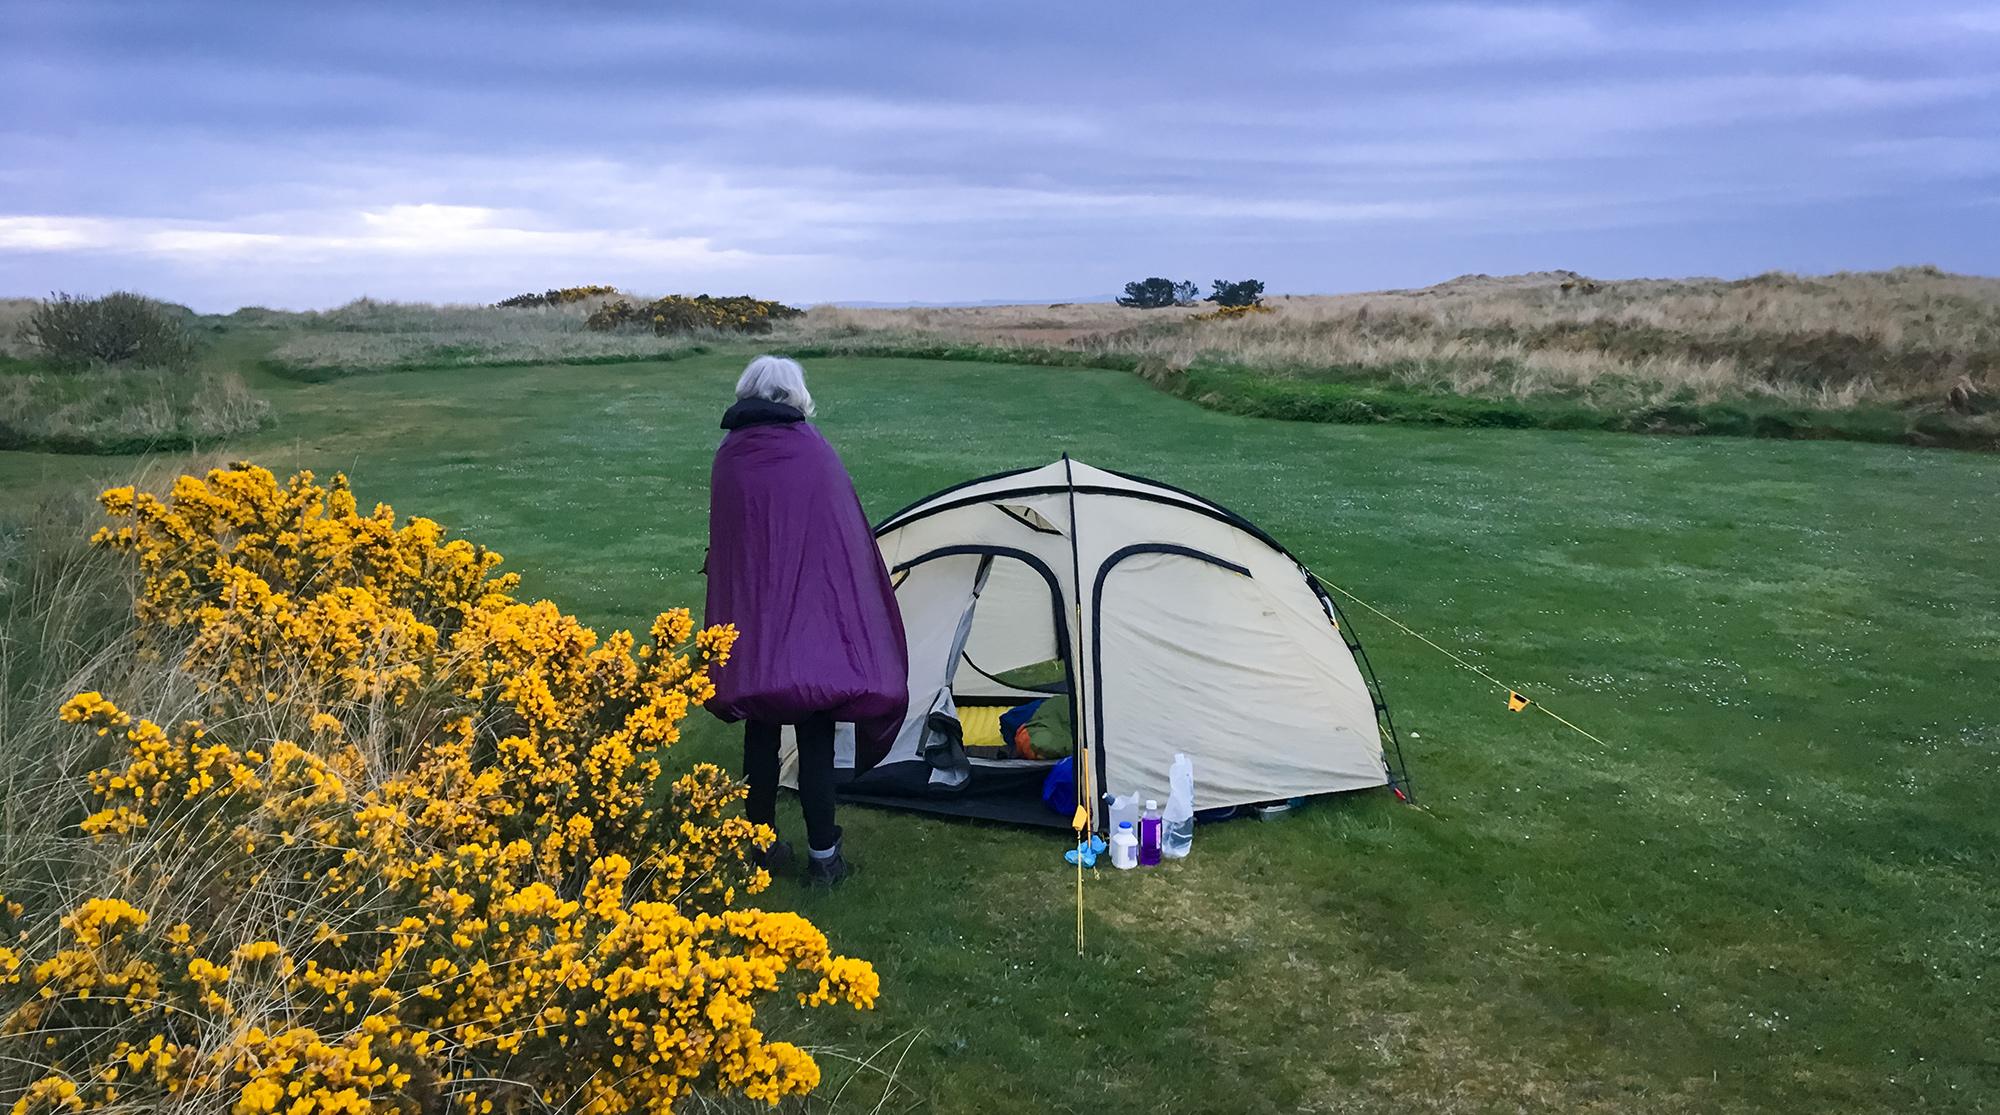 Campingplatz Dornoch mot unserem Zelt und Frau mit Quilt